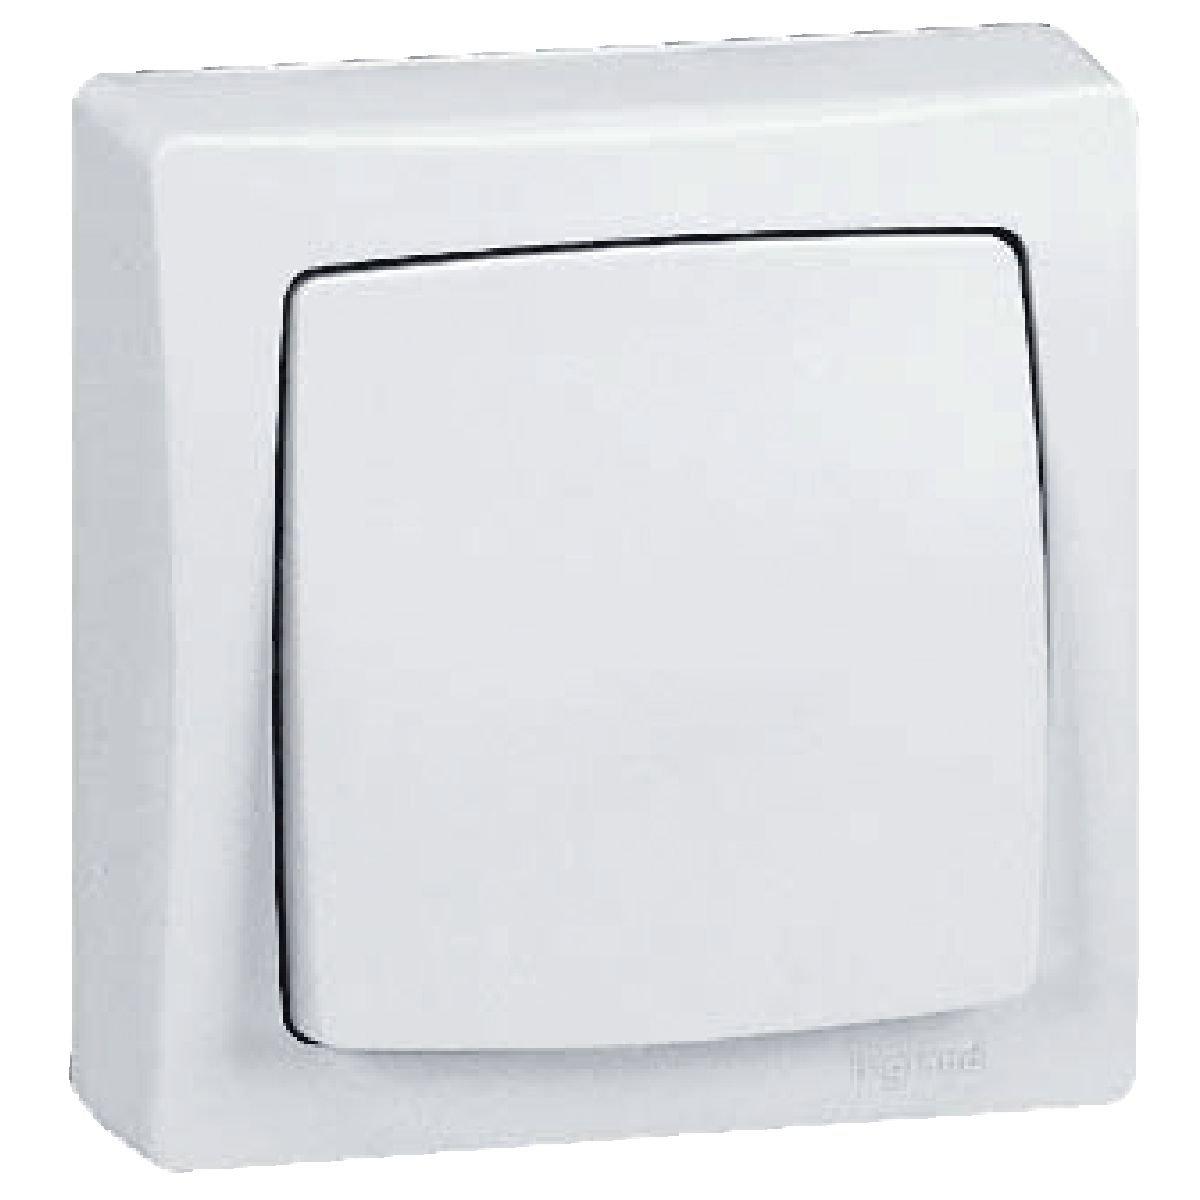 Legrand, 097340 Oteo - Interruptor de pared, interruptor conmutador de superficie, con marco en color blanco